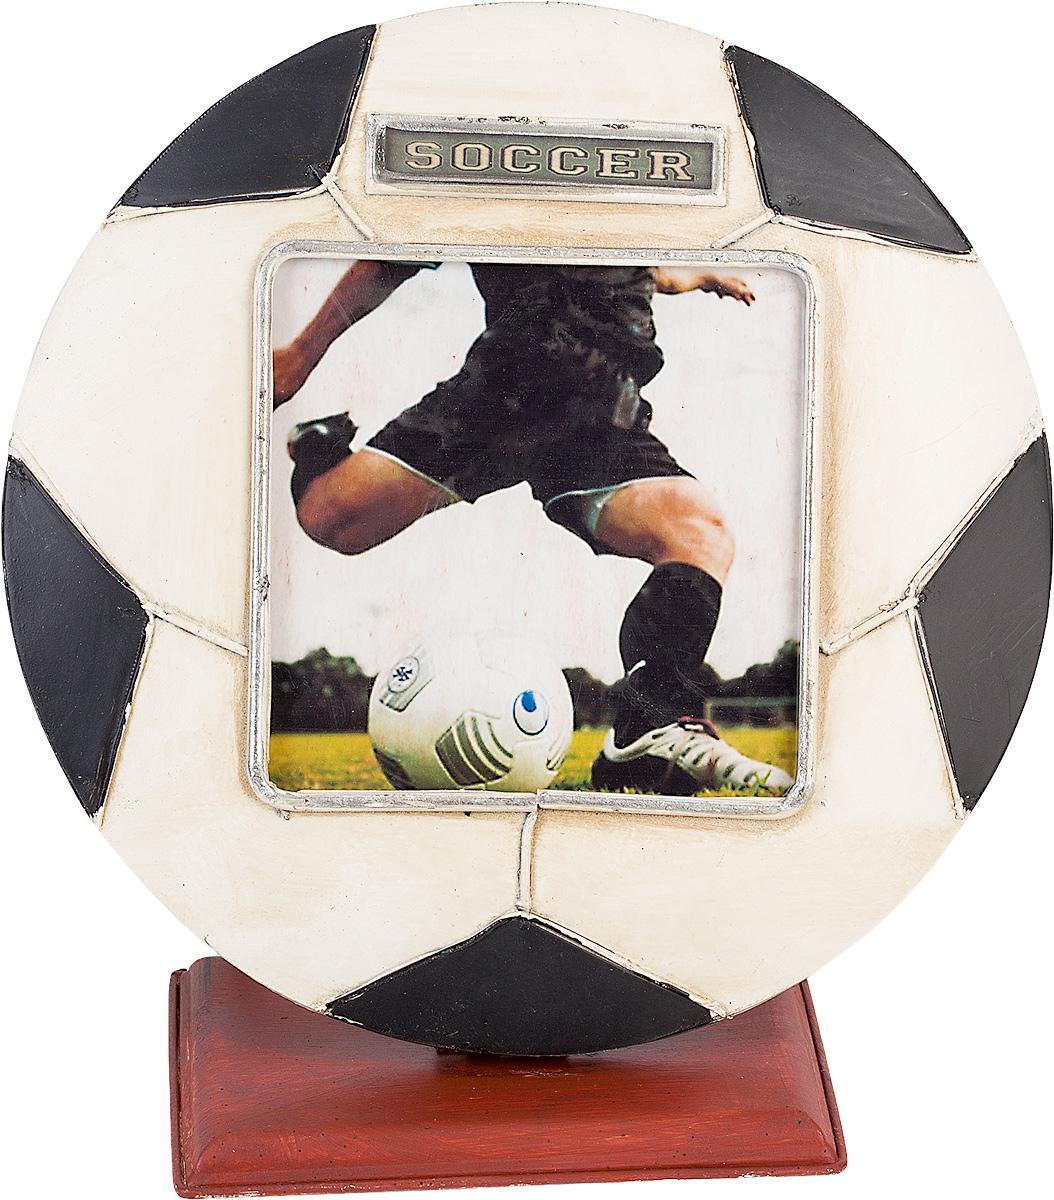 Фоторамка Platinum Футбольный мяч, 11 х 11 см1304B-1200Фоторамка Platinum Футбольный мяч выполнена в классическом стиле из высококачественных материалов. Такая фоторамка поможет вам оригинально и стильно дополнить интерьер помещения, а также позволит сохранить память о дорогих вам людях и интересных событиях вашей жизни. Подходит для фотографии размером: 11 х 11 см.